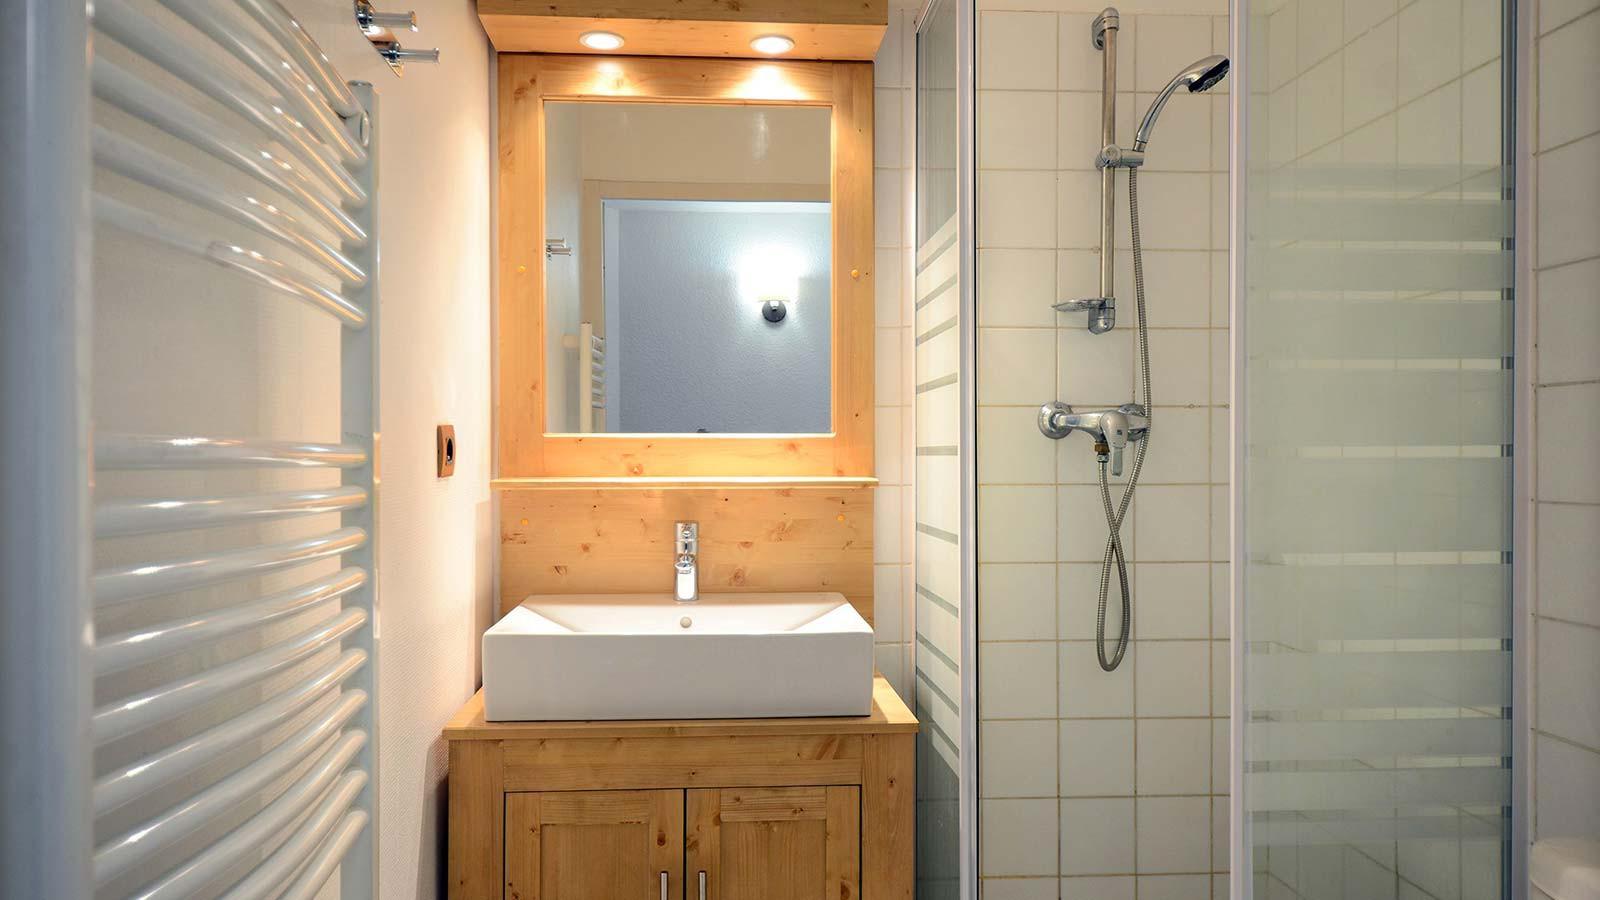 Residence Surf Des Neiges, Les Deux Alpes - Bathroom